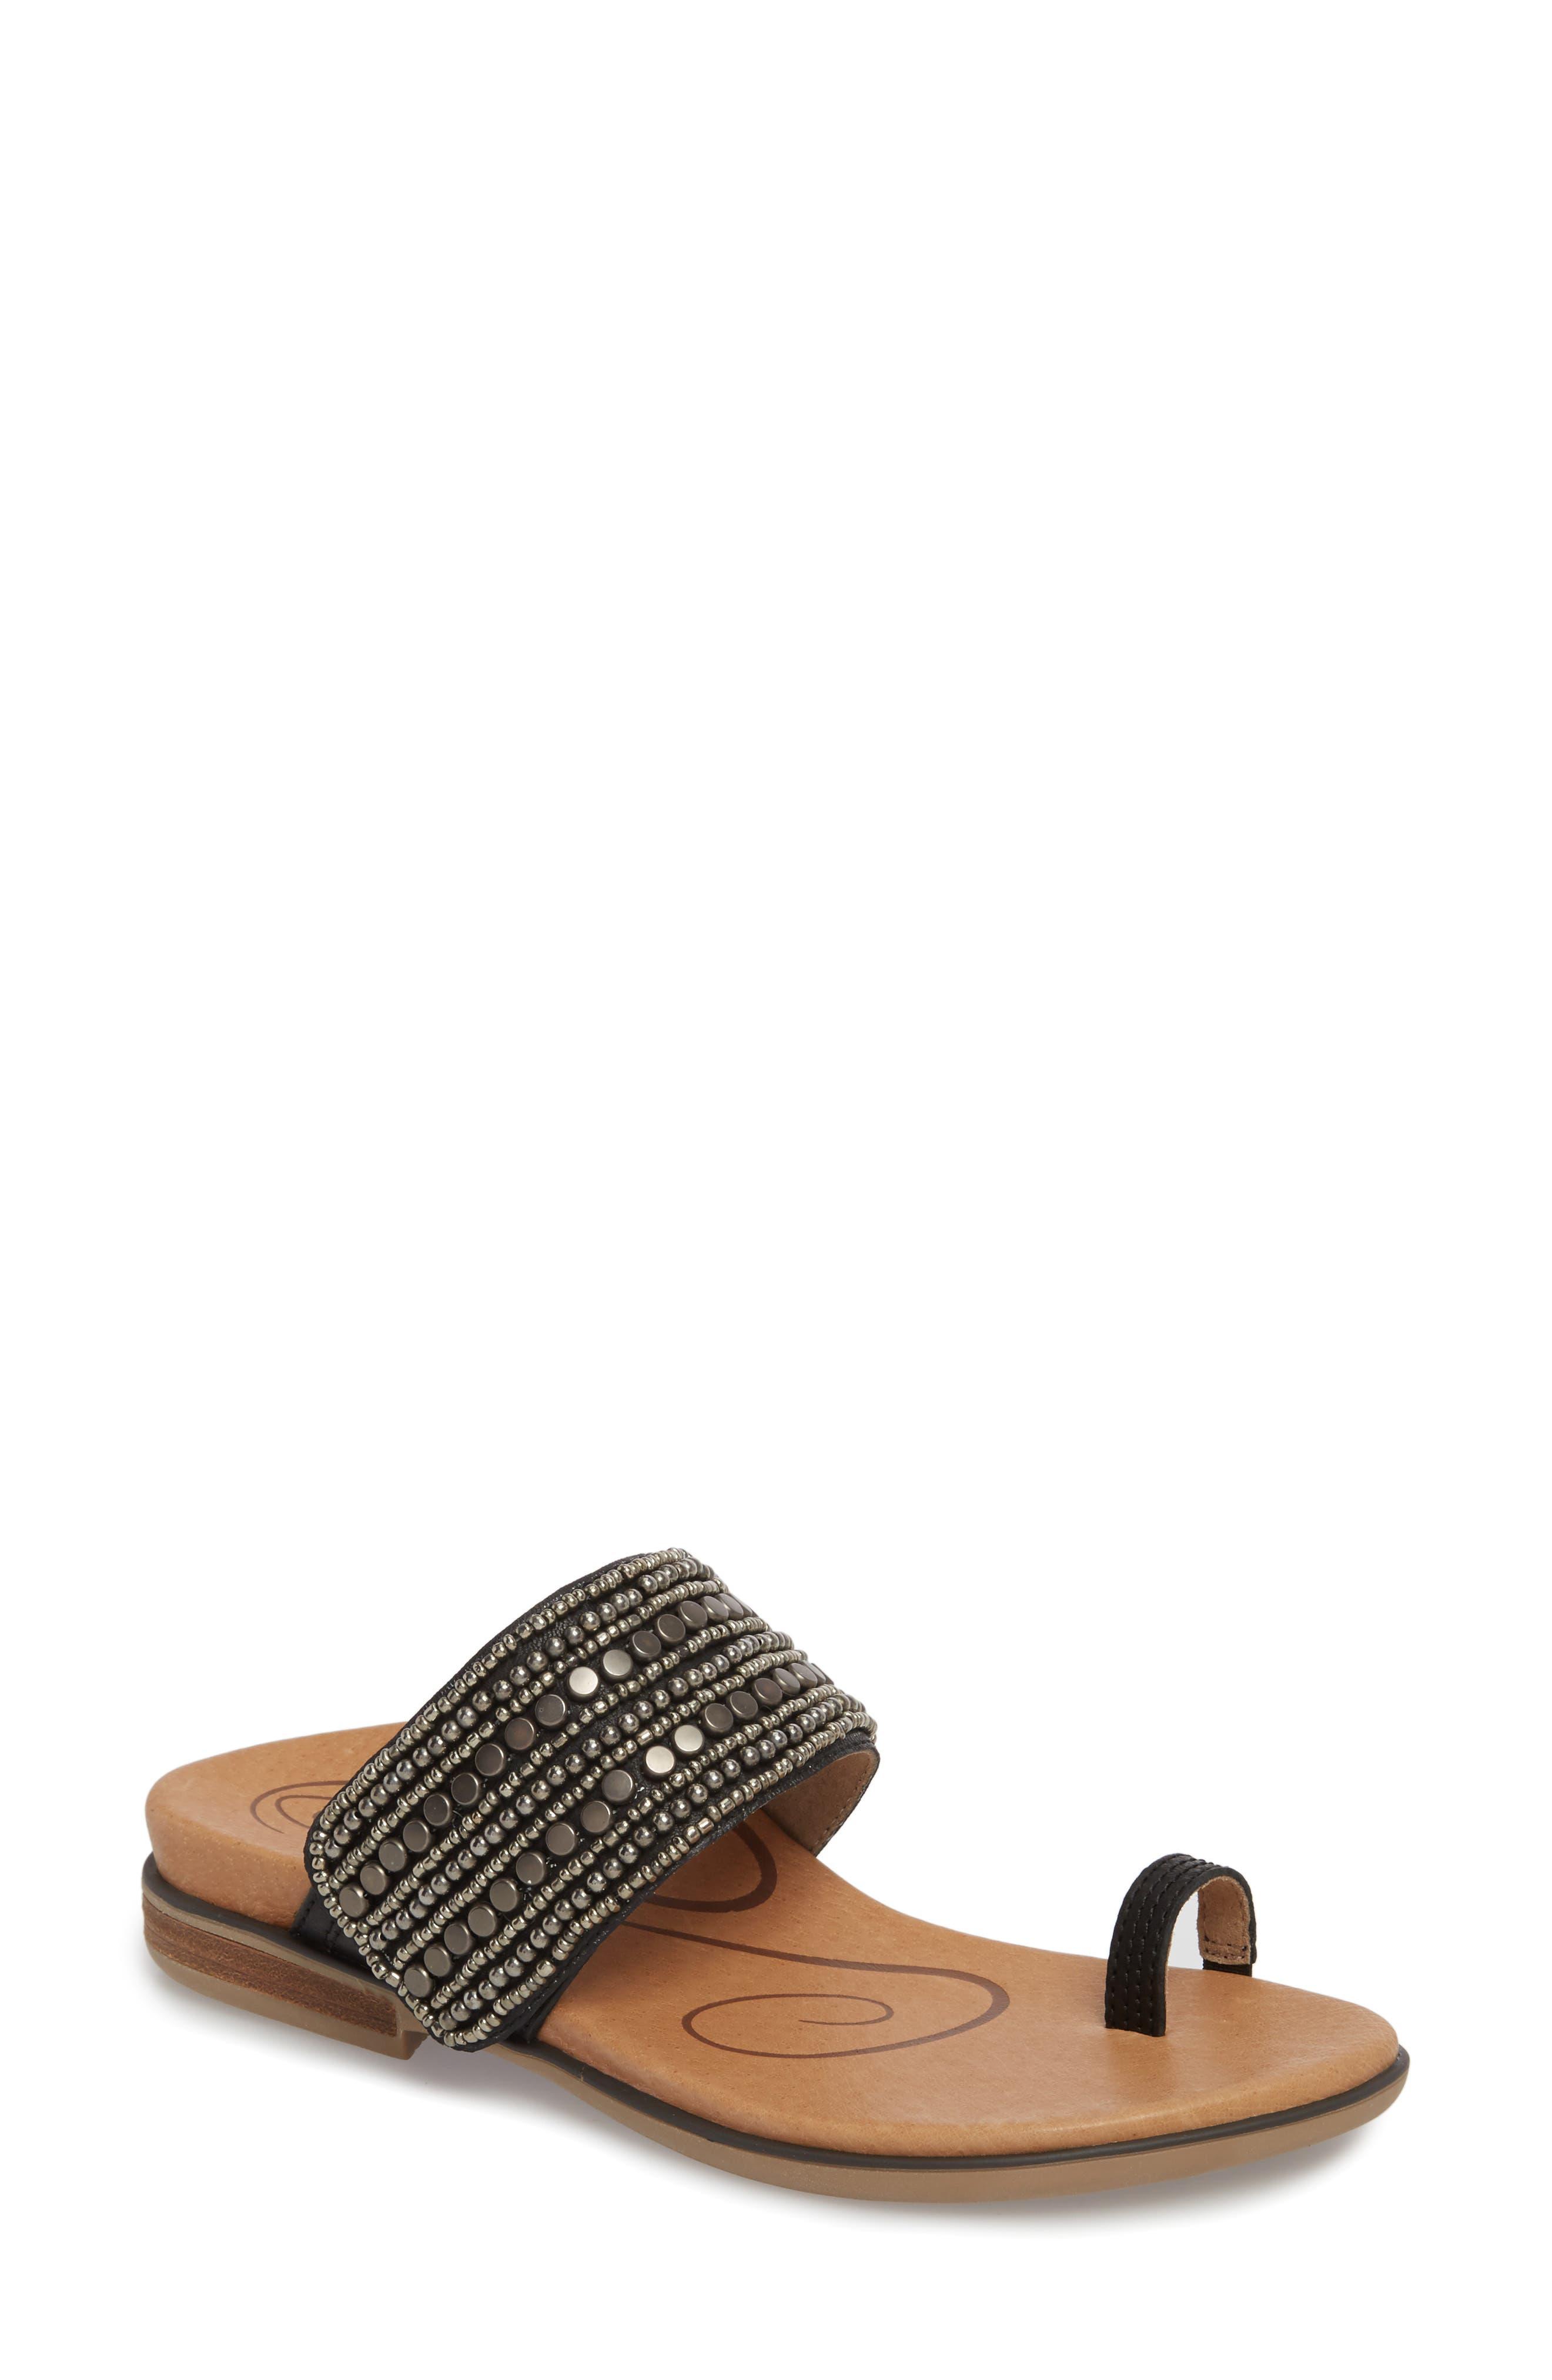 Layla Embellished Slide Sandal,                         Main,                         color, 001